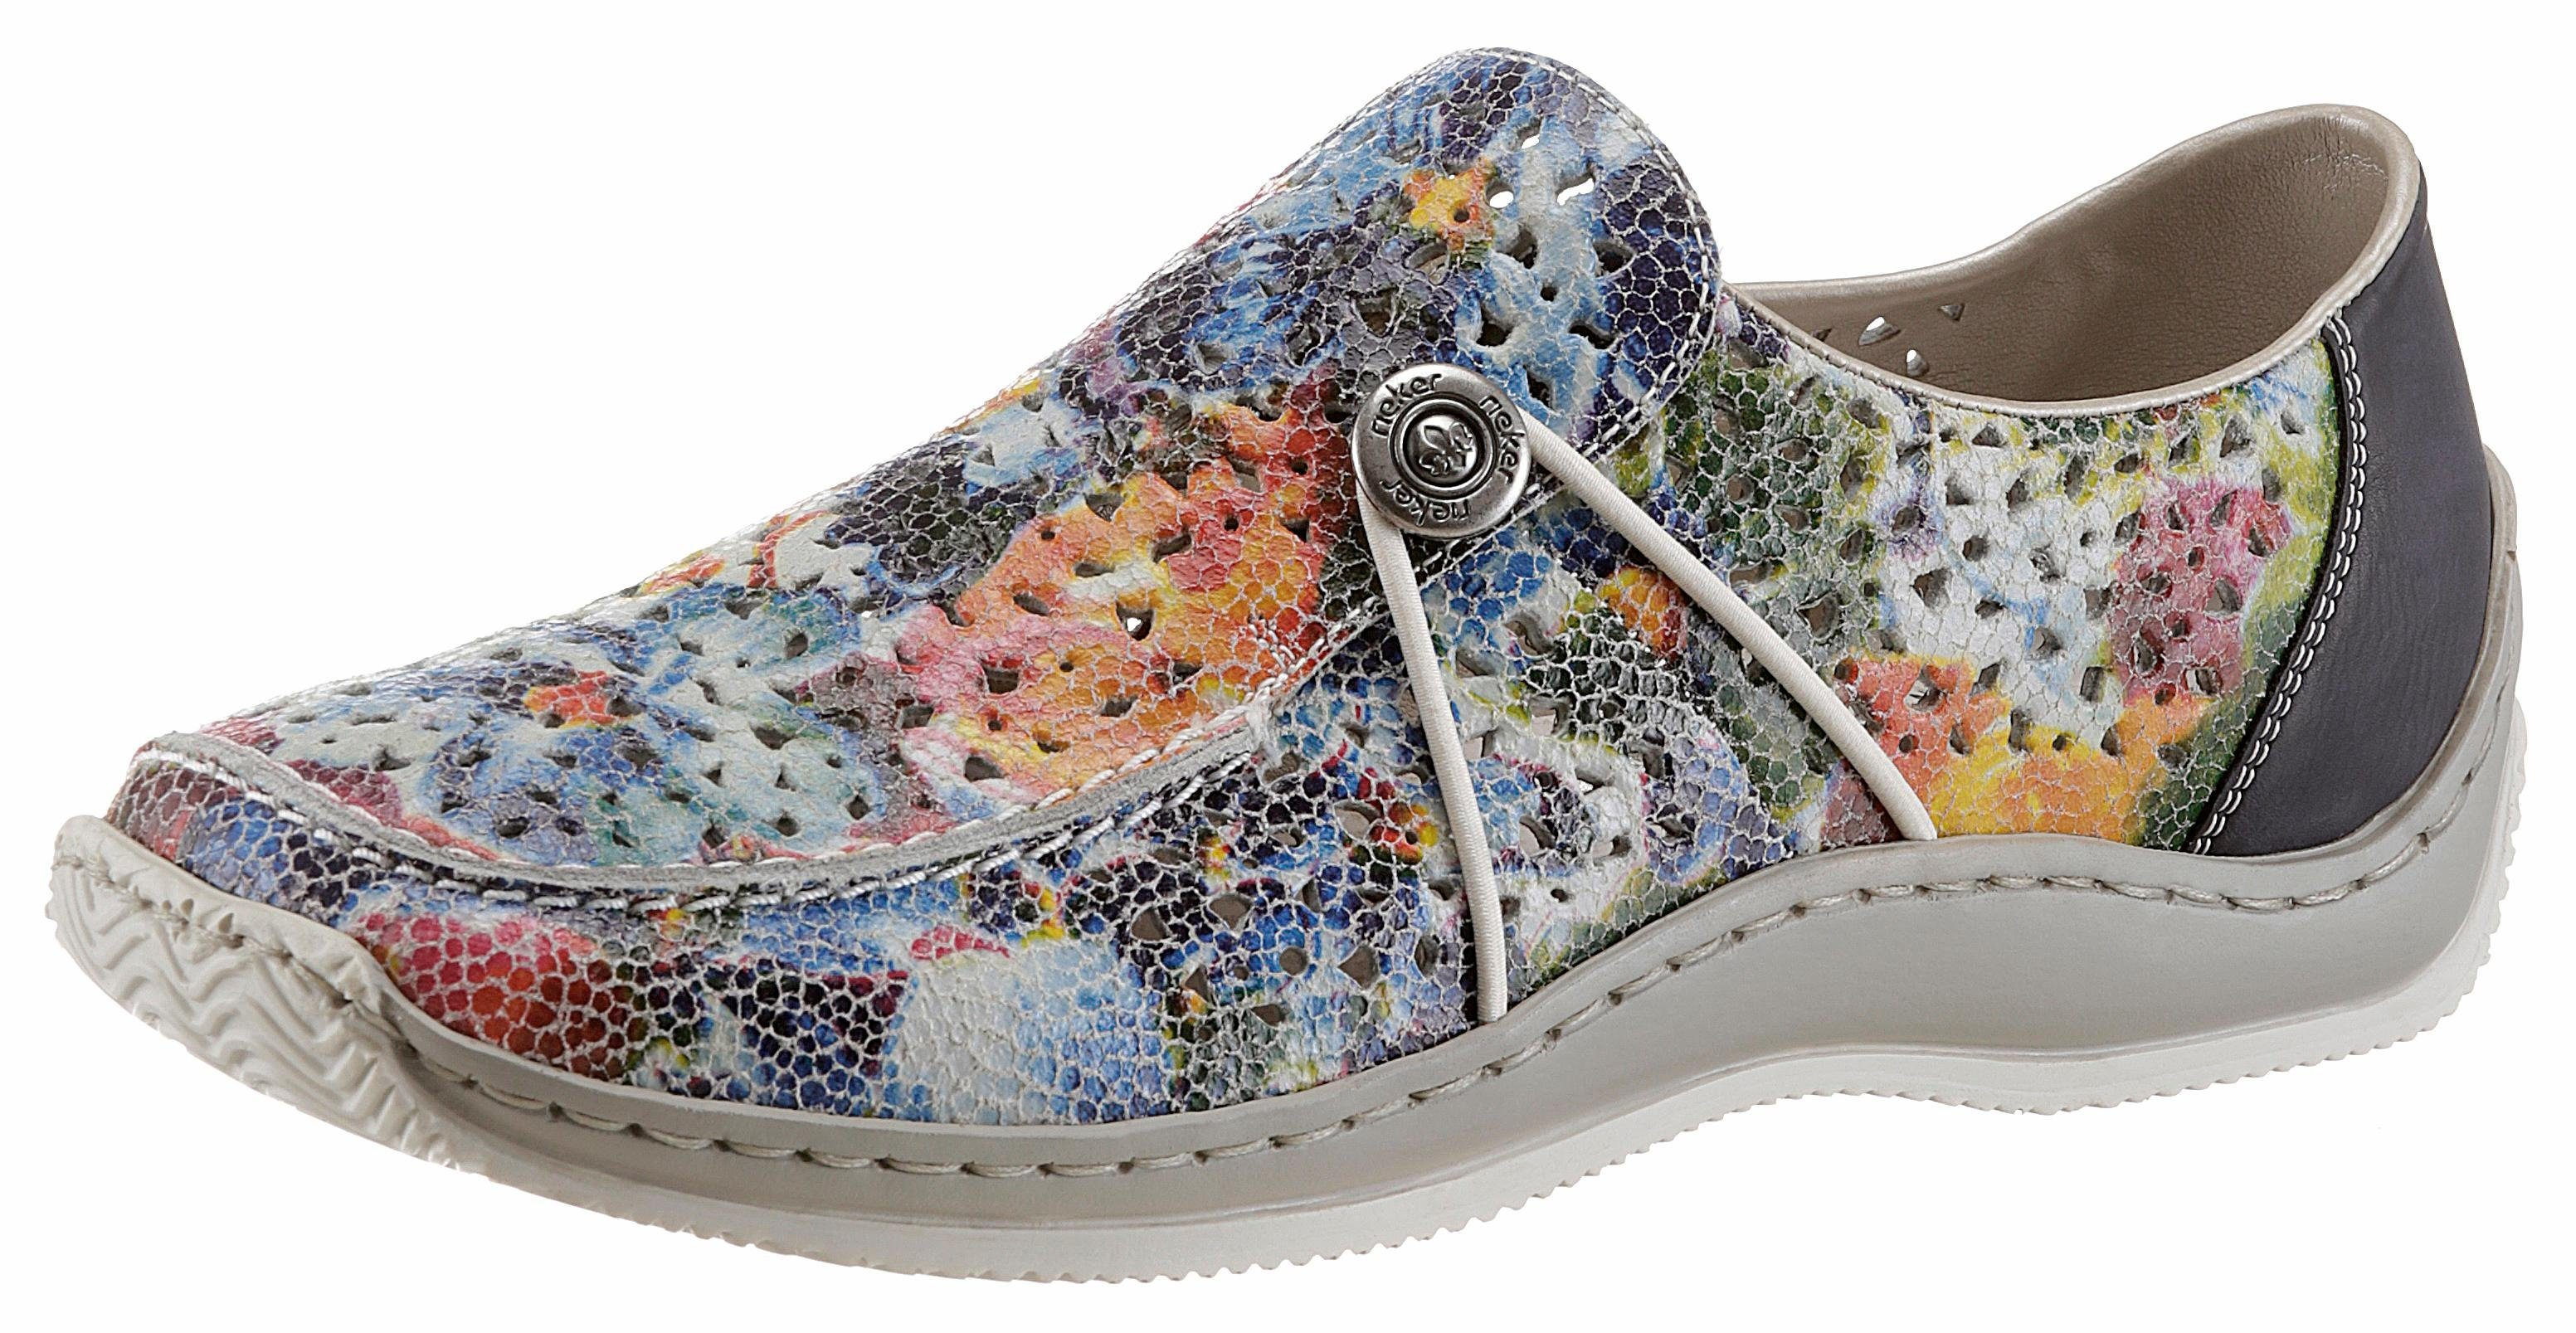 Rieker Slipper, mit bunten Blütendruck und Perforation online kaufen  blau-multi